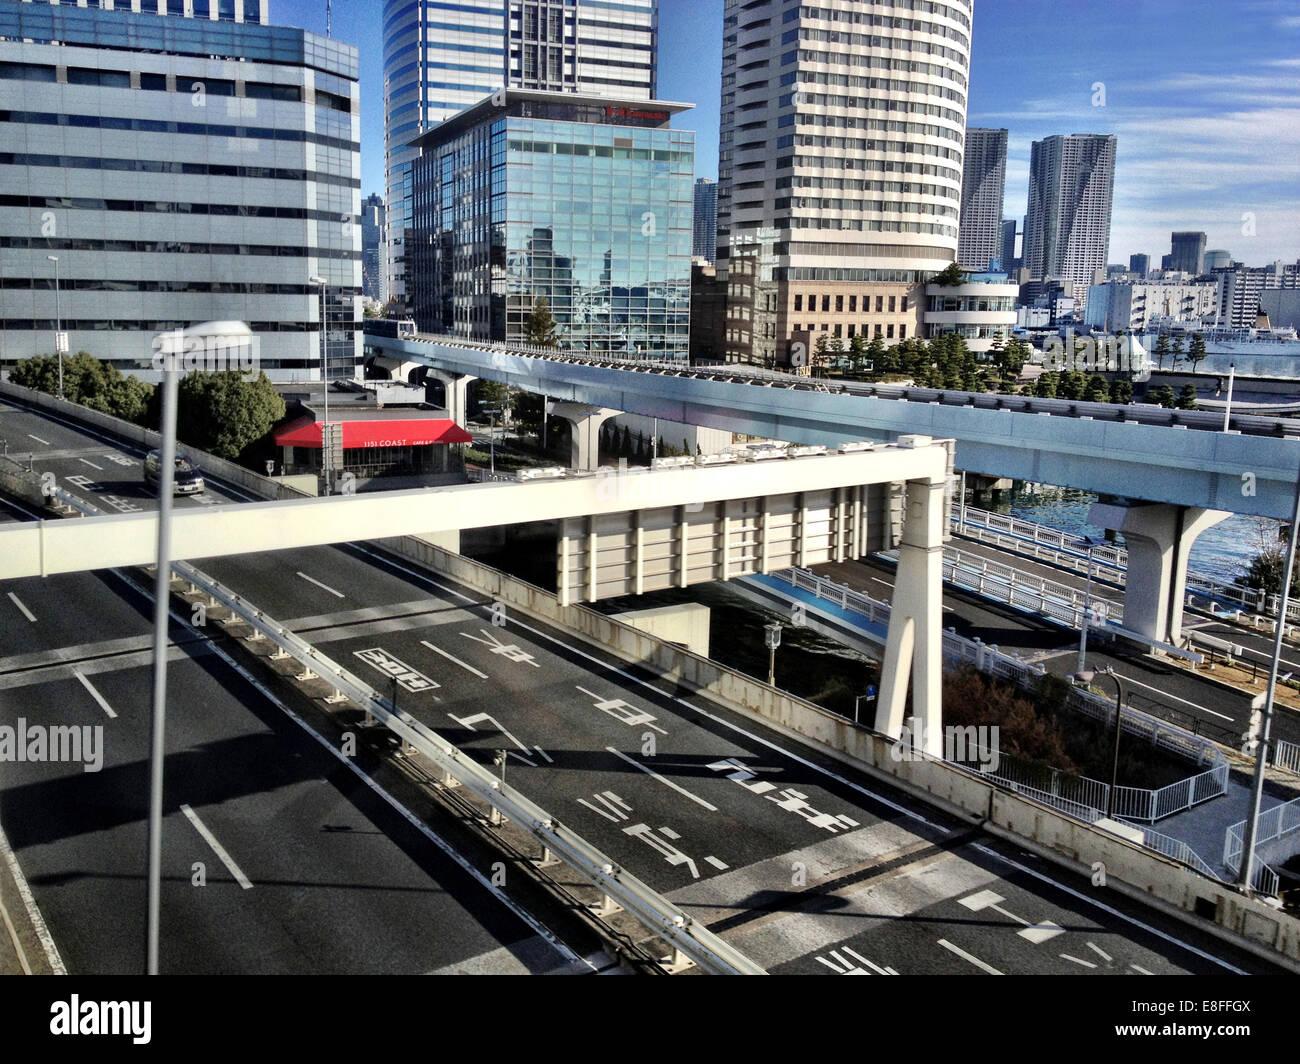 Japon, Tokyo, les rues de la ville Banque D'Images